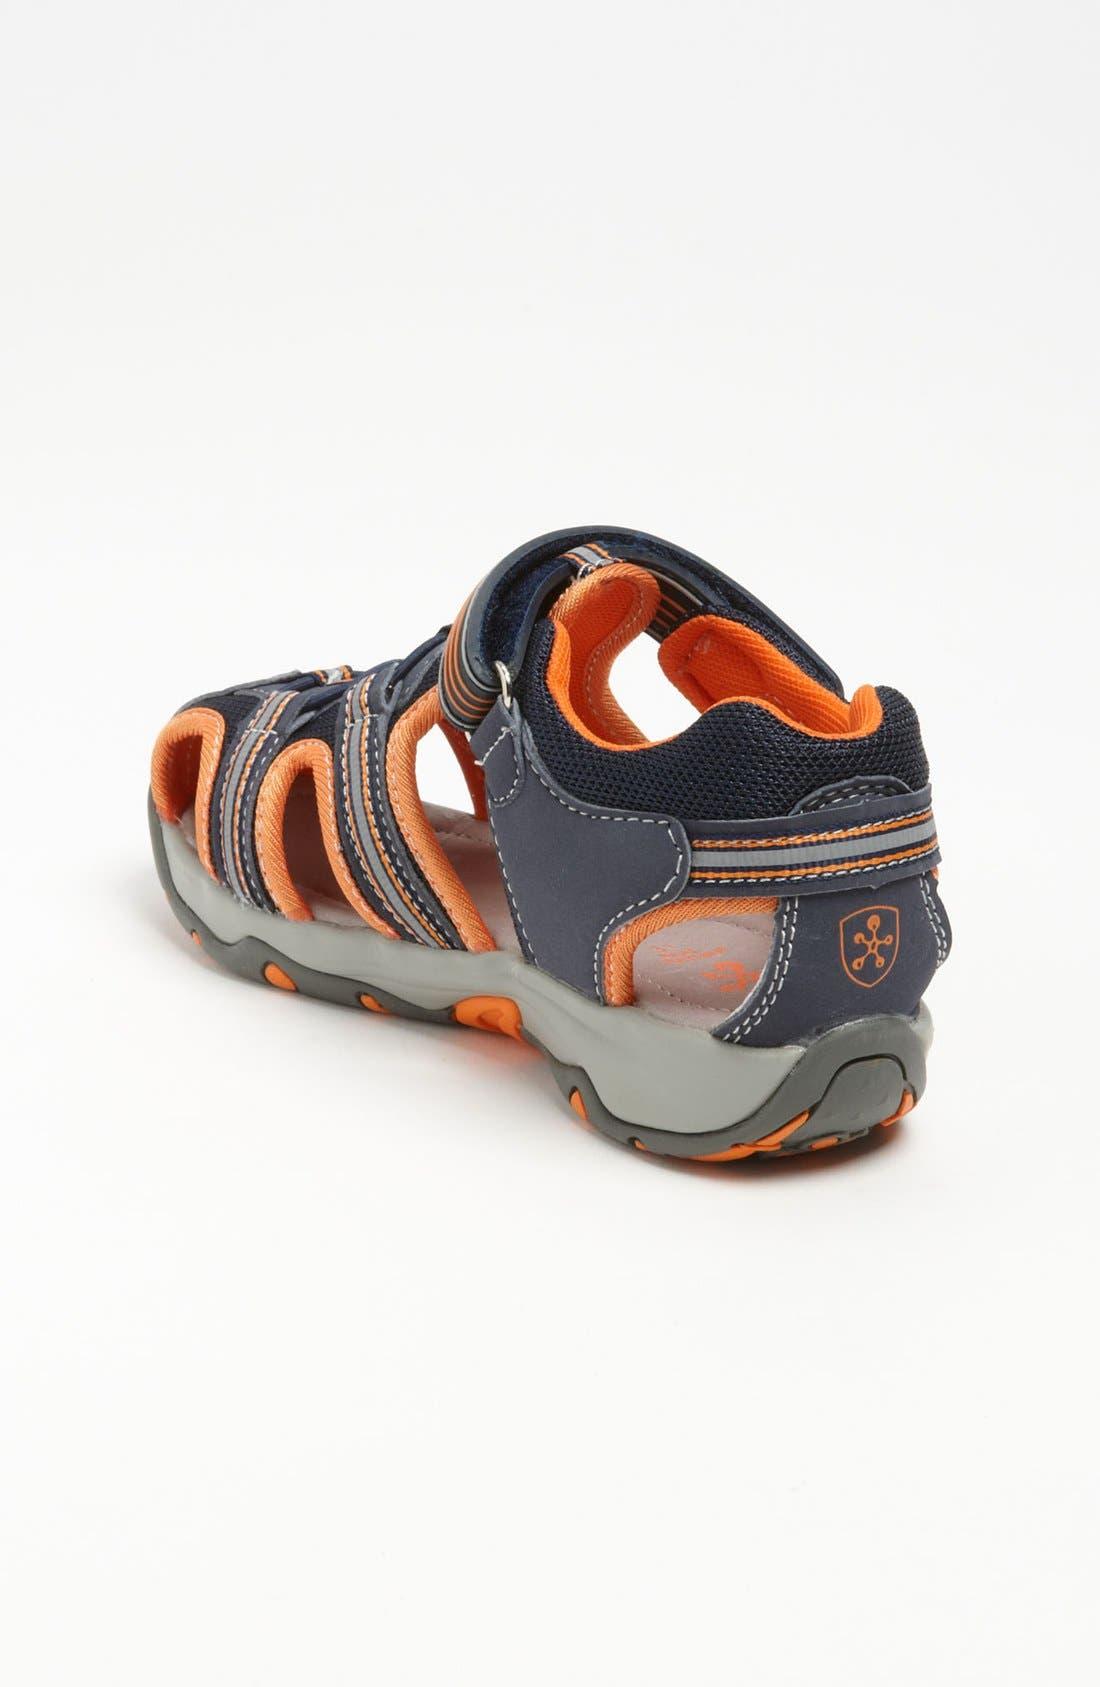 Alternate Image 2  - Swissies 'Rival' Sandal (Toddler & Little Kid)